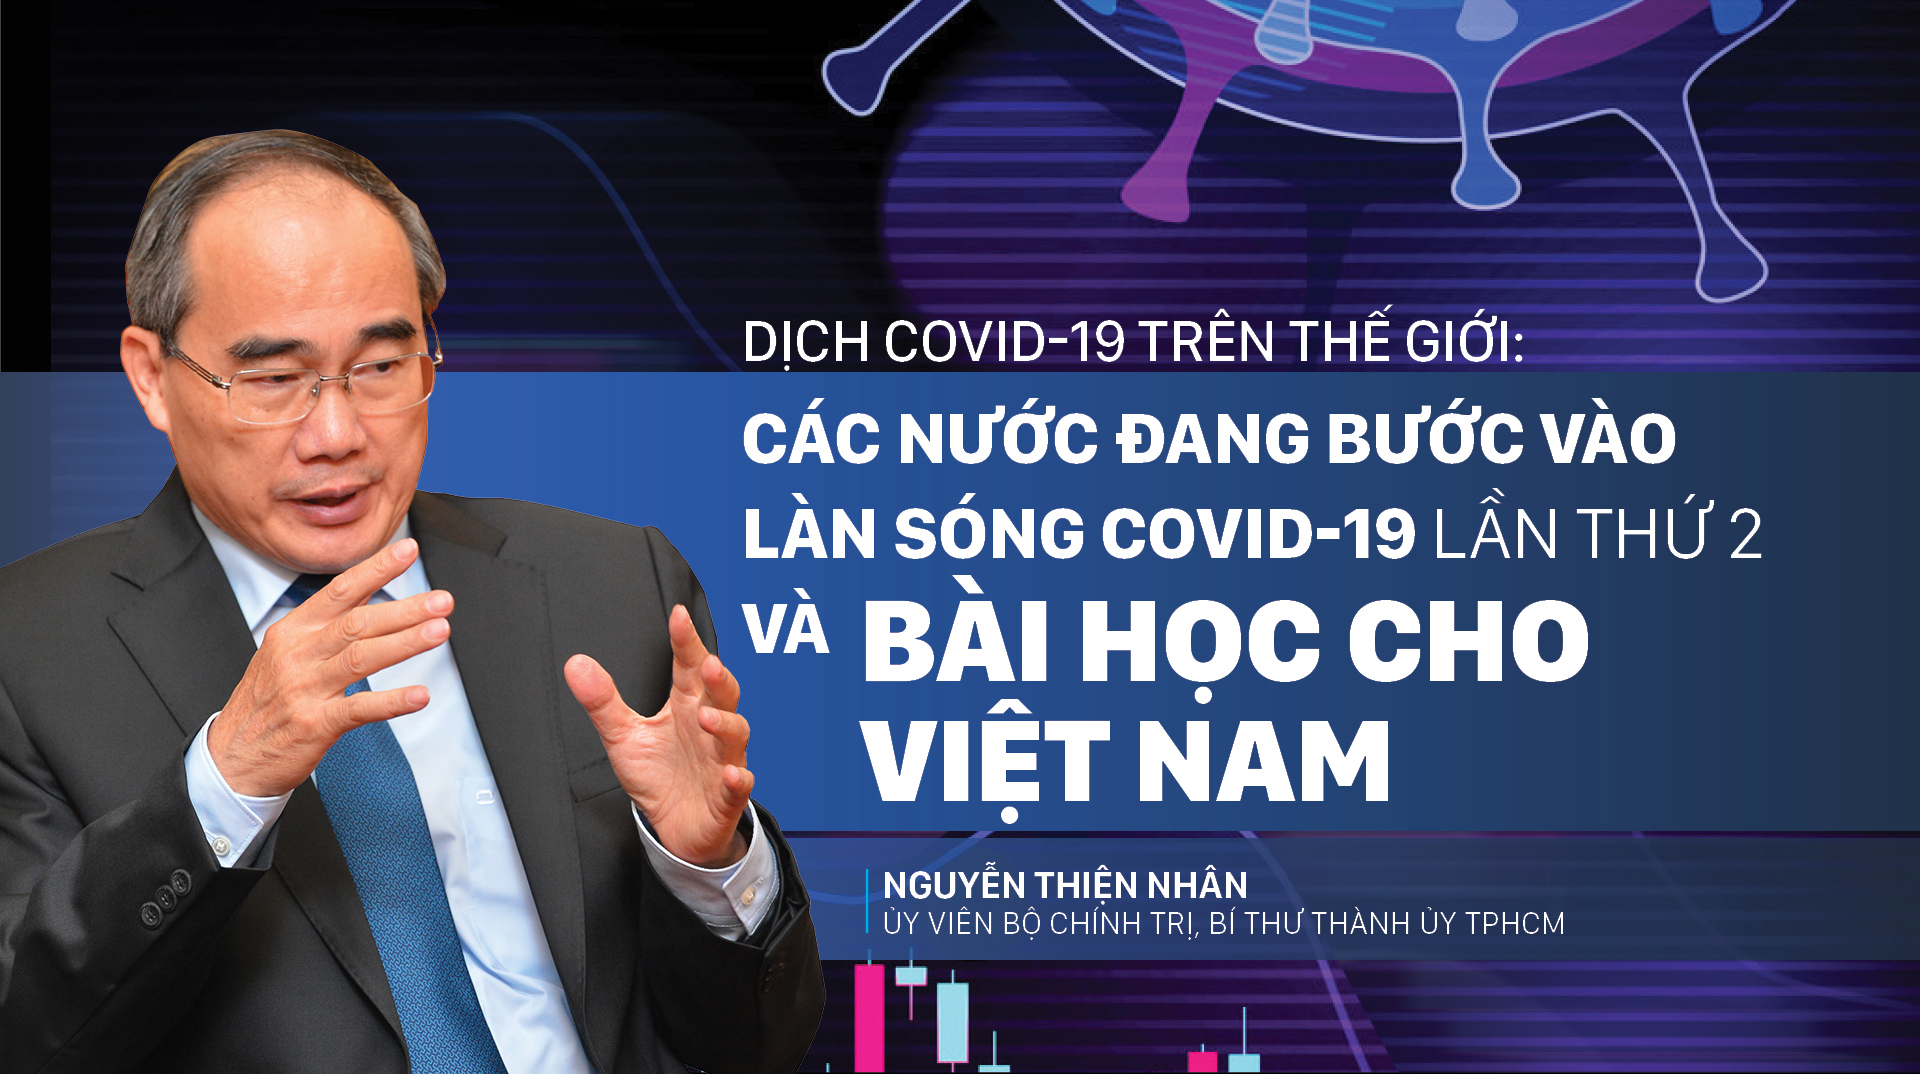 Dịch Covid-19 trên thế giới: Các nước đang bước vào làn sóng Covid-19 lần thứ 2 và bài học cho Việt Nam